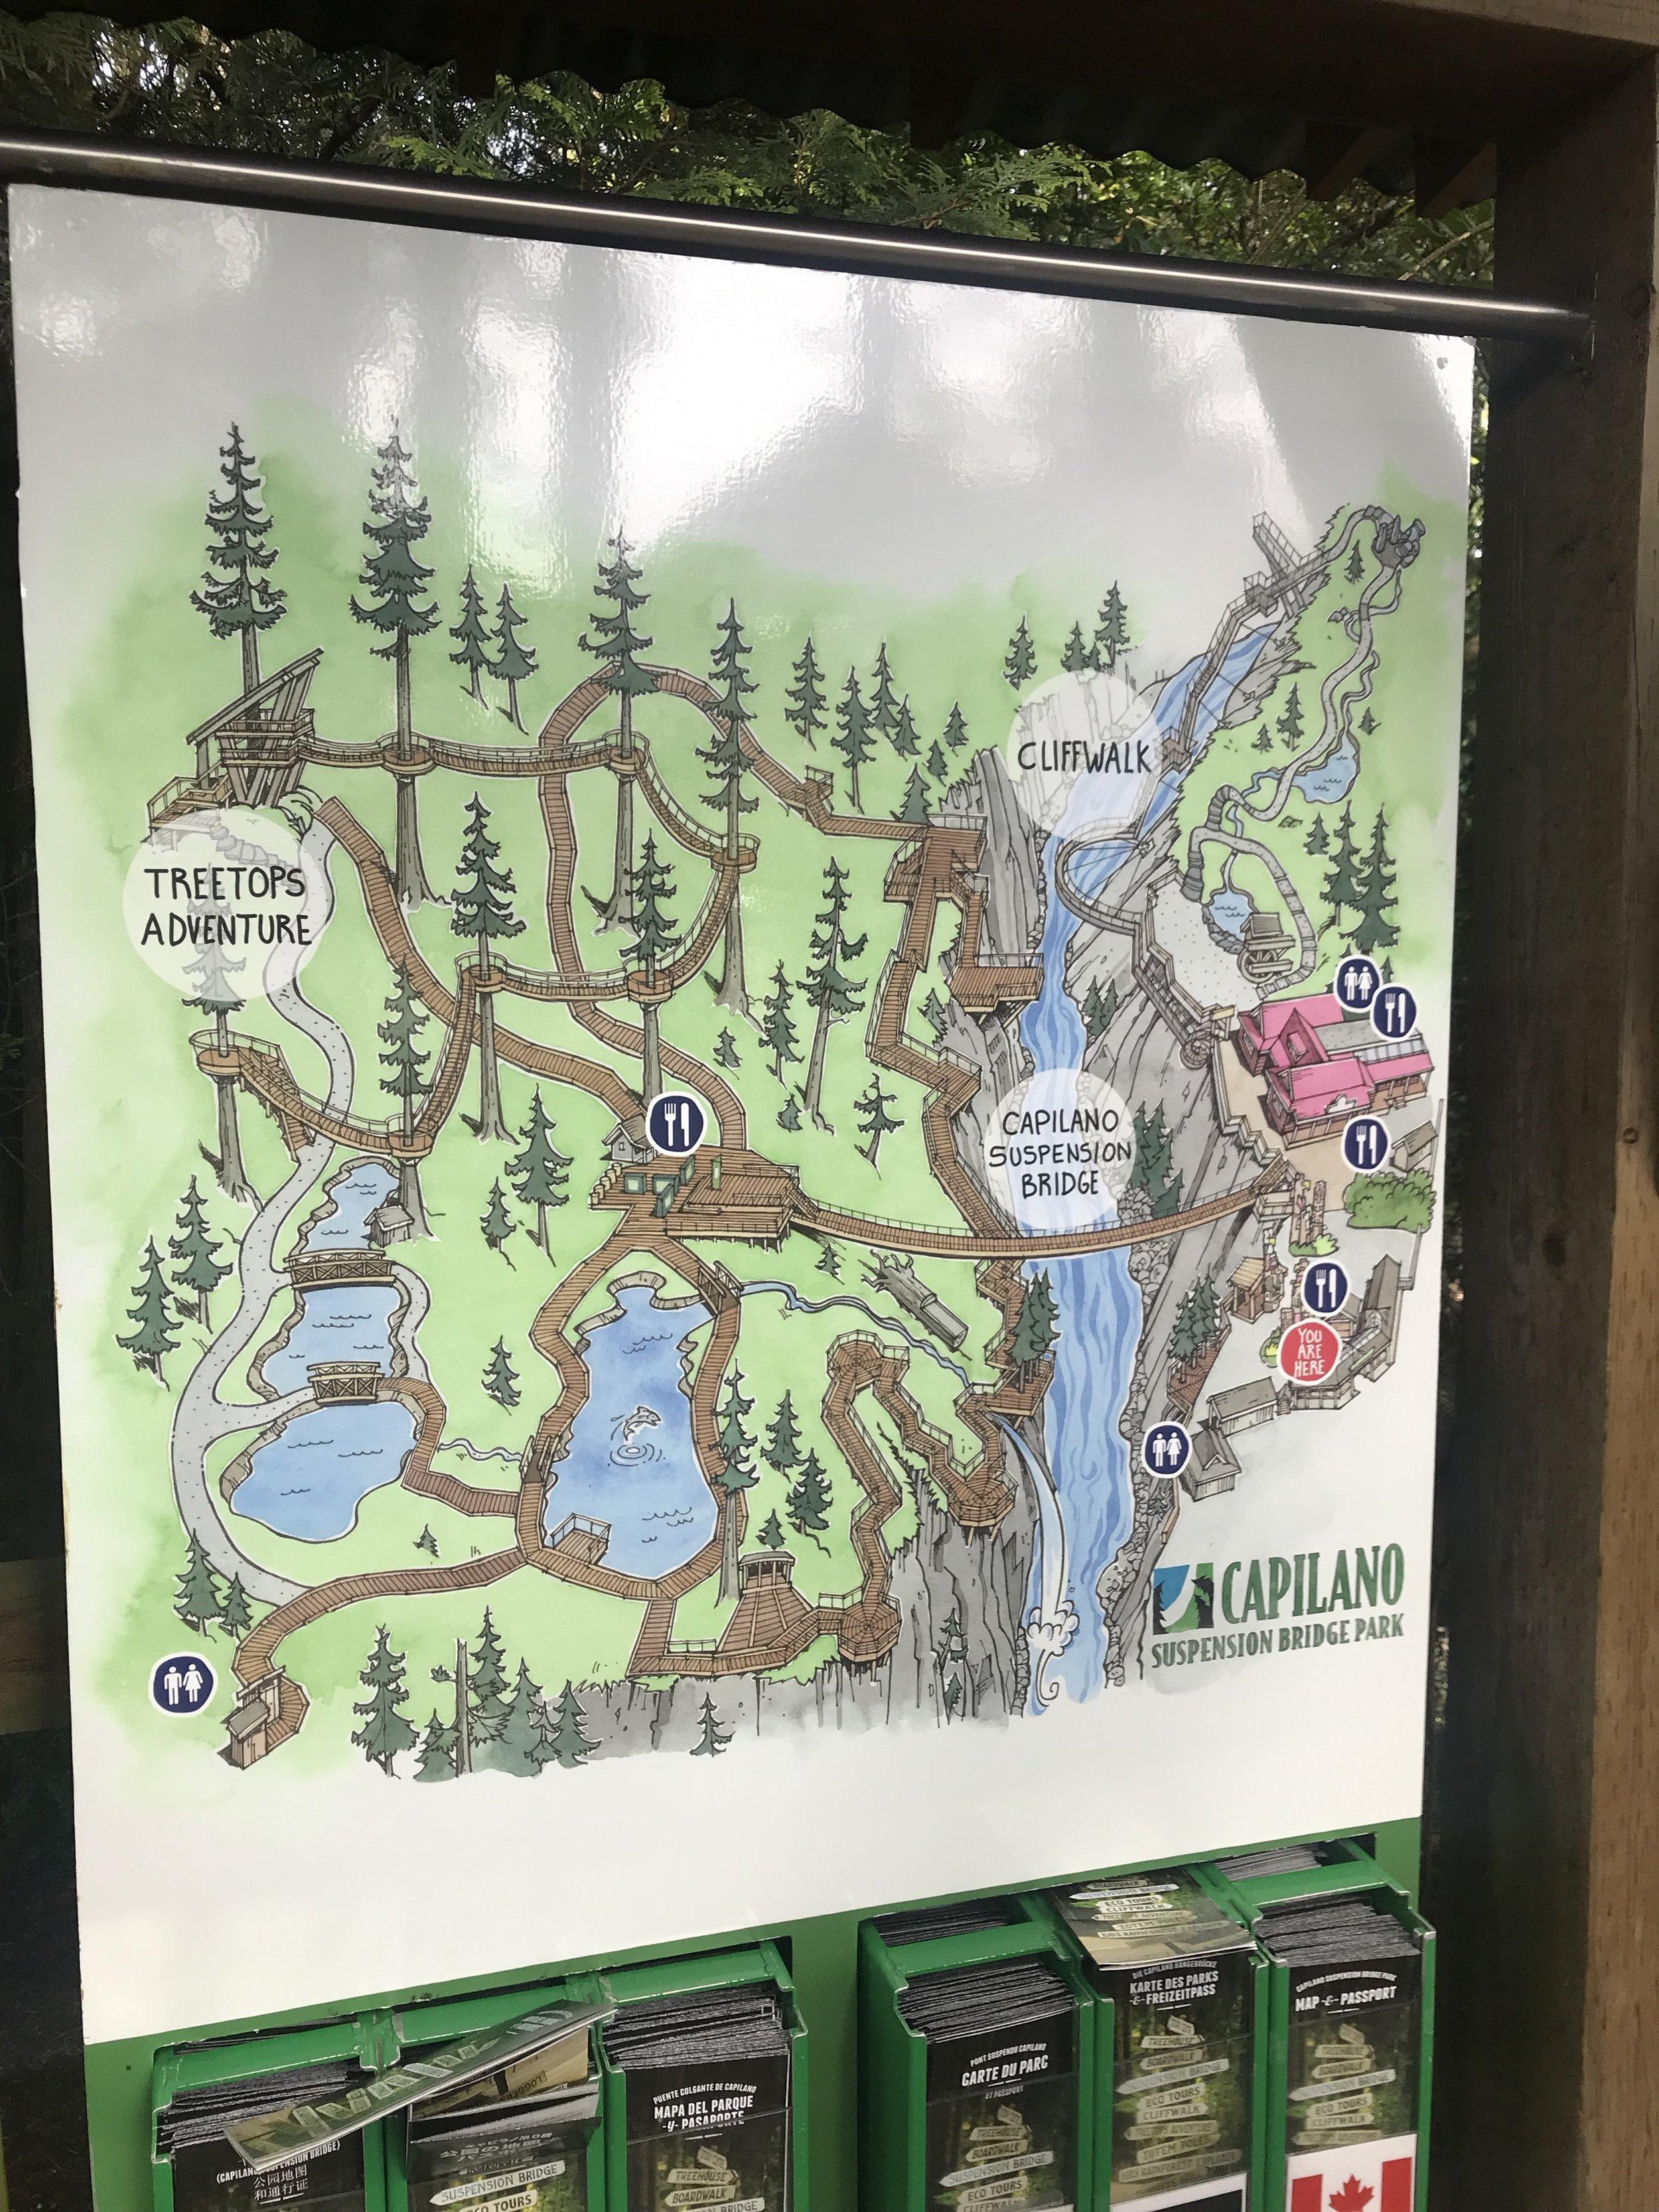 The map of Capilano Suspension Bridge Park.